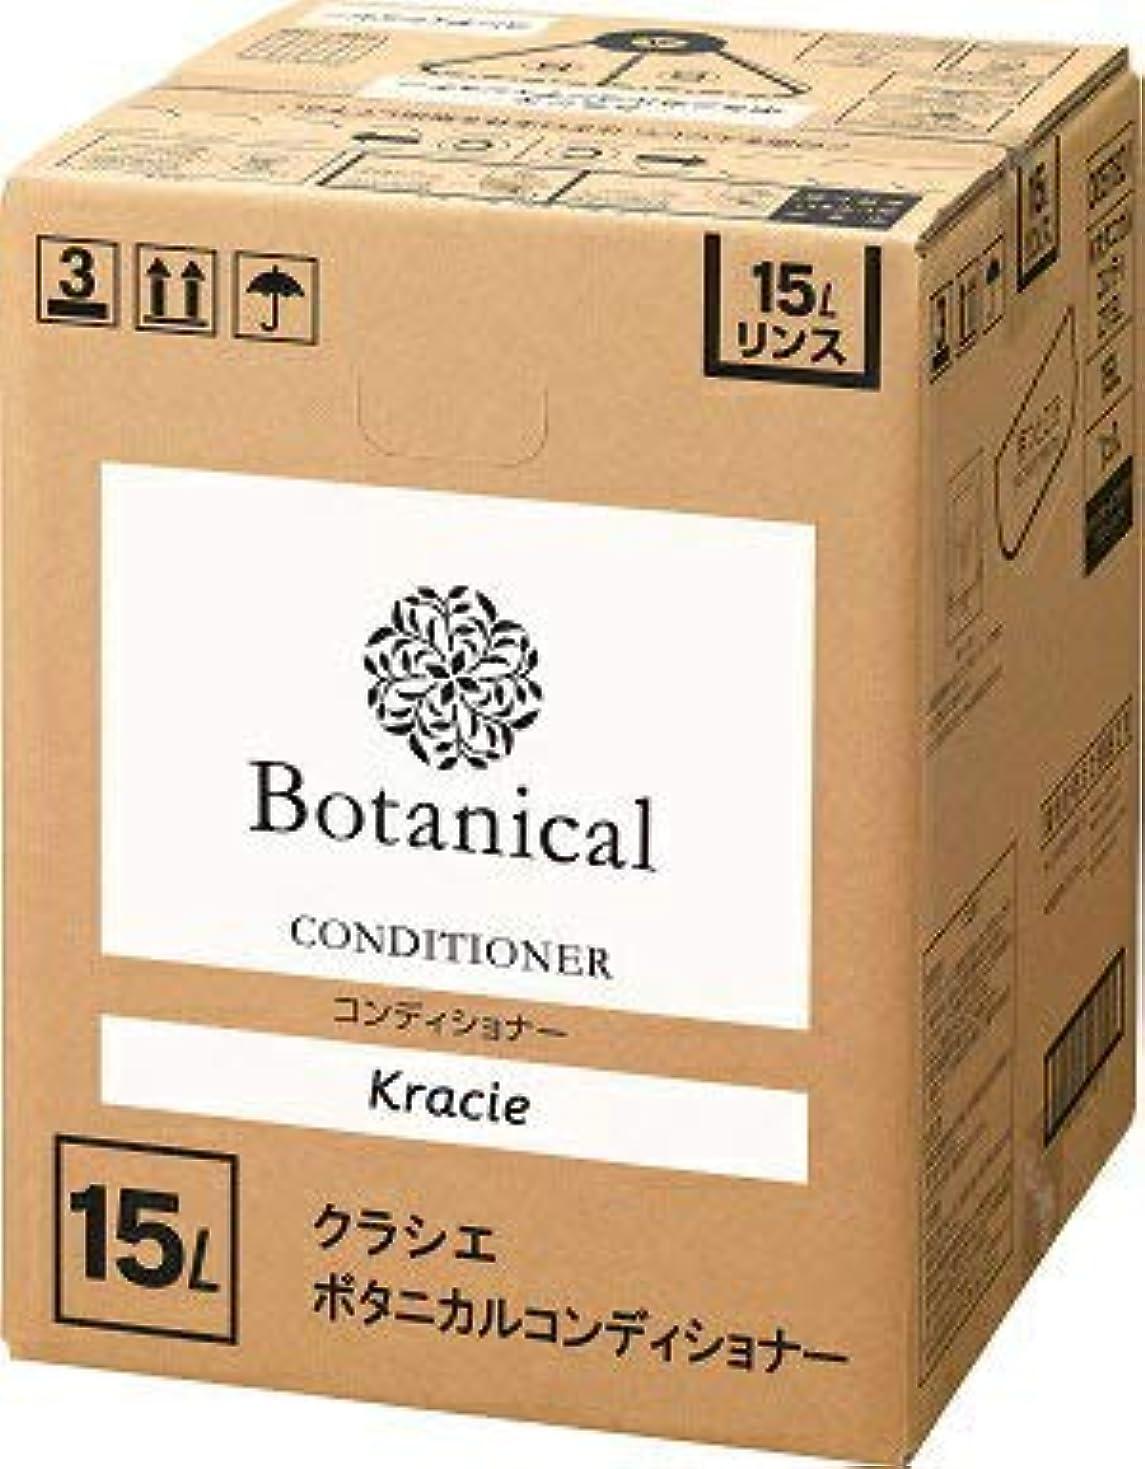 テクスチャー要旨初期Kracie クラシエ Botanical ボタニカル コンディショナー 15L 詰め替え 業務用